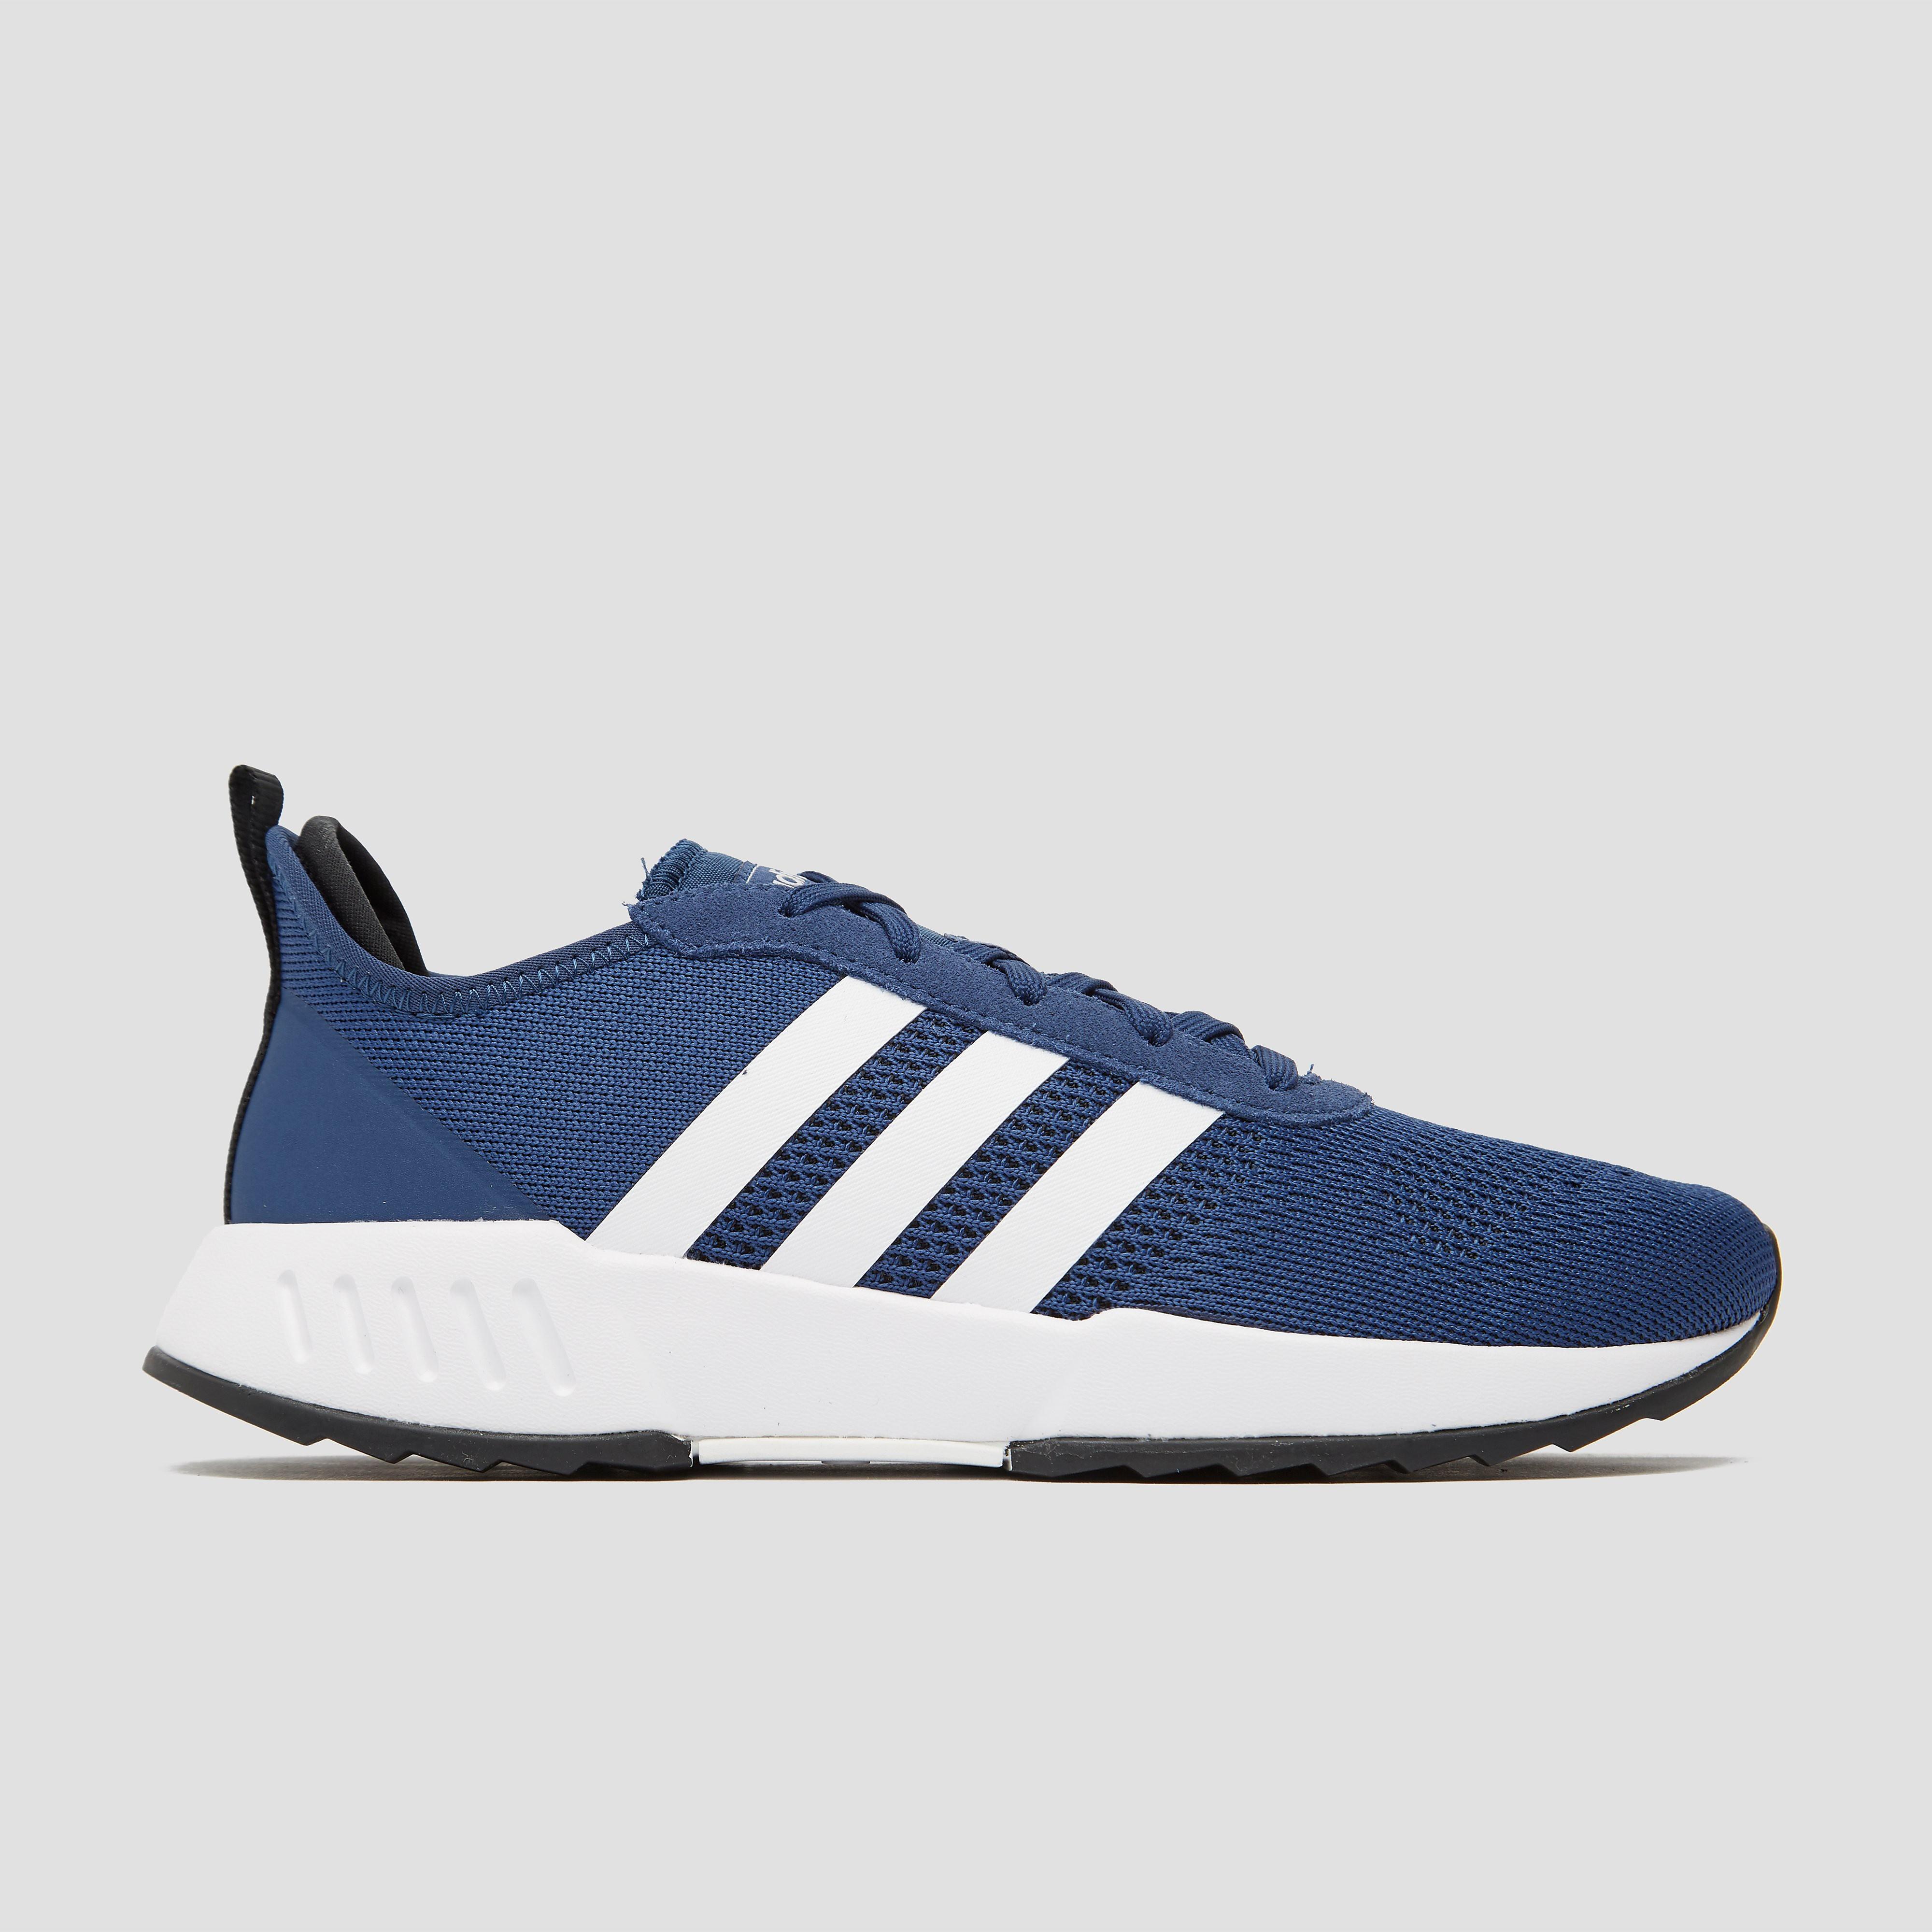 Heren Adidas Sneakers online kopen? Vergelijk op Schoenen.nl